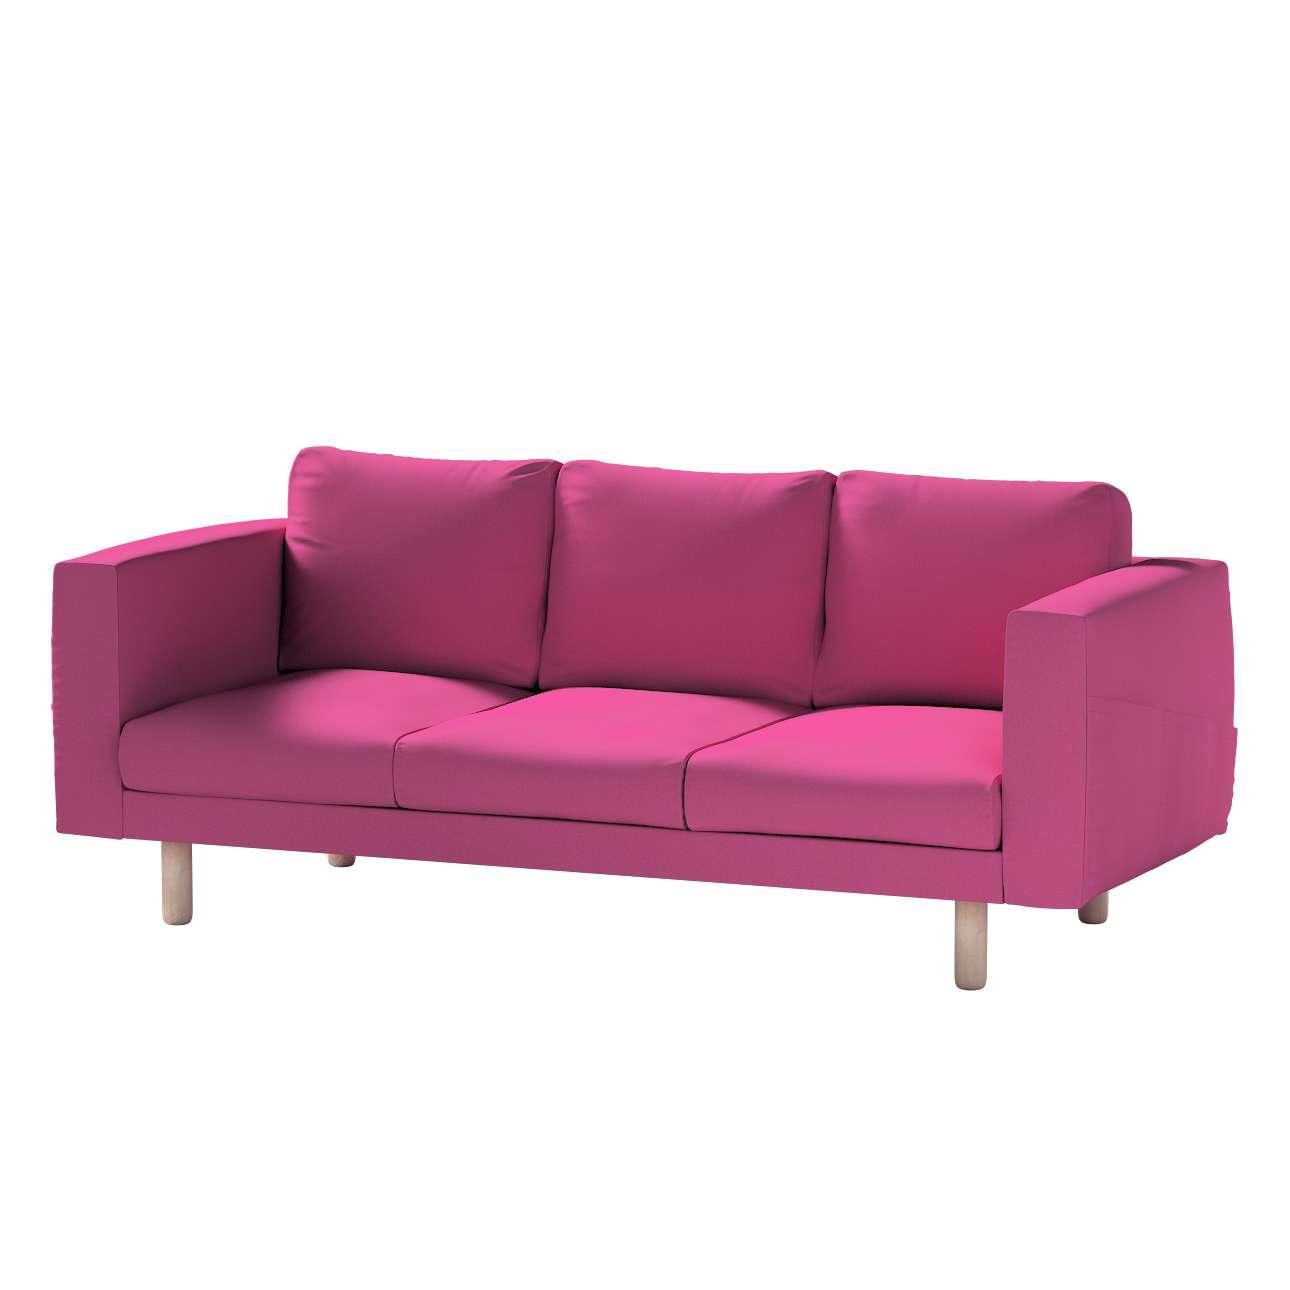 Pokrowiec na sofę Norsborg 3-osobową w kolekcji Living, tkanina: 161-29